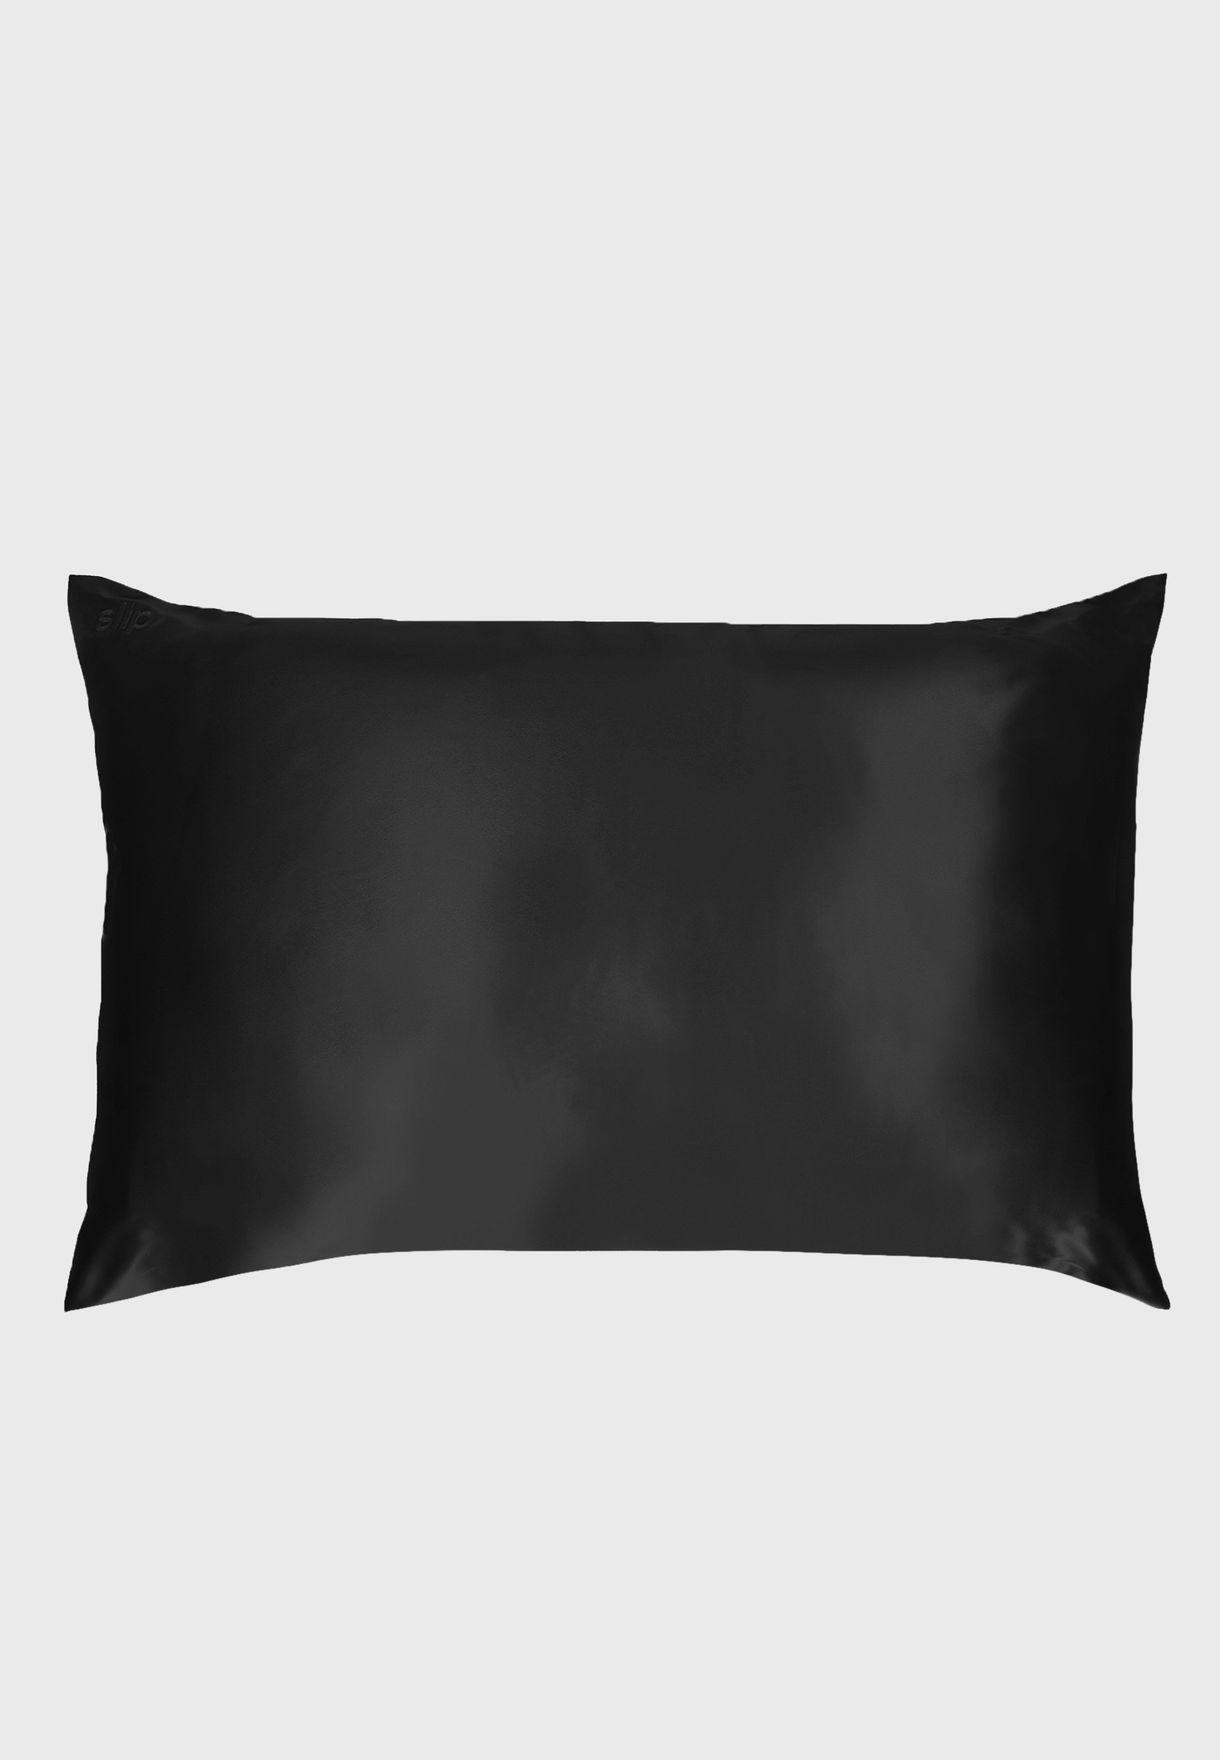 Queen Size Silk Pillow Case - Black